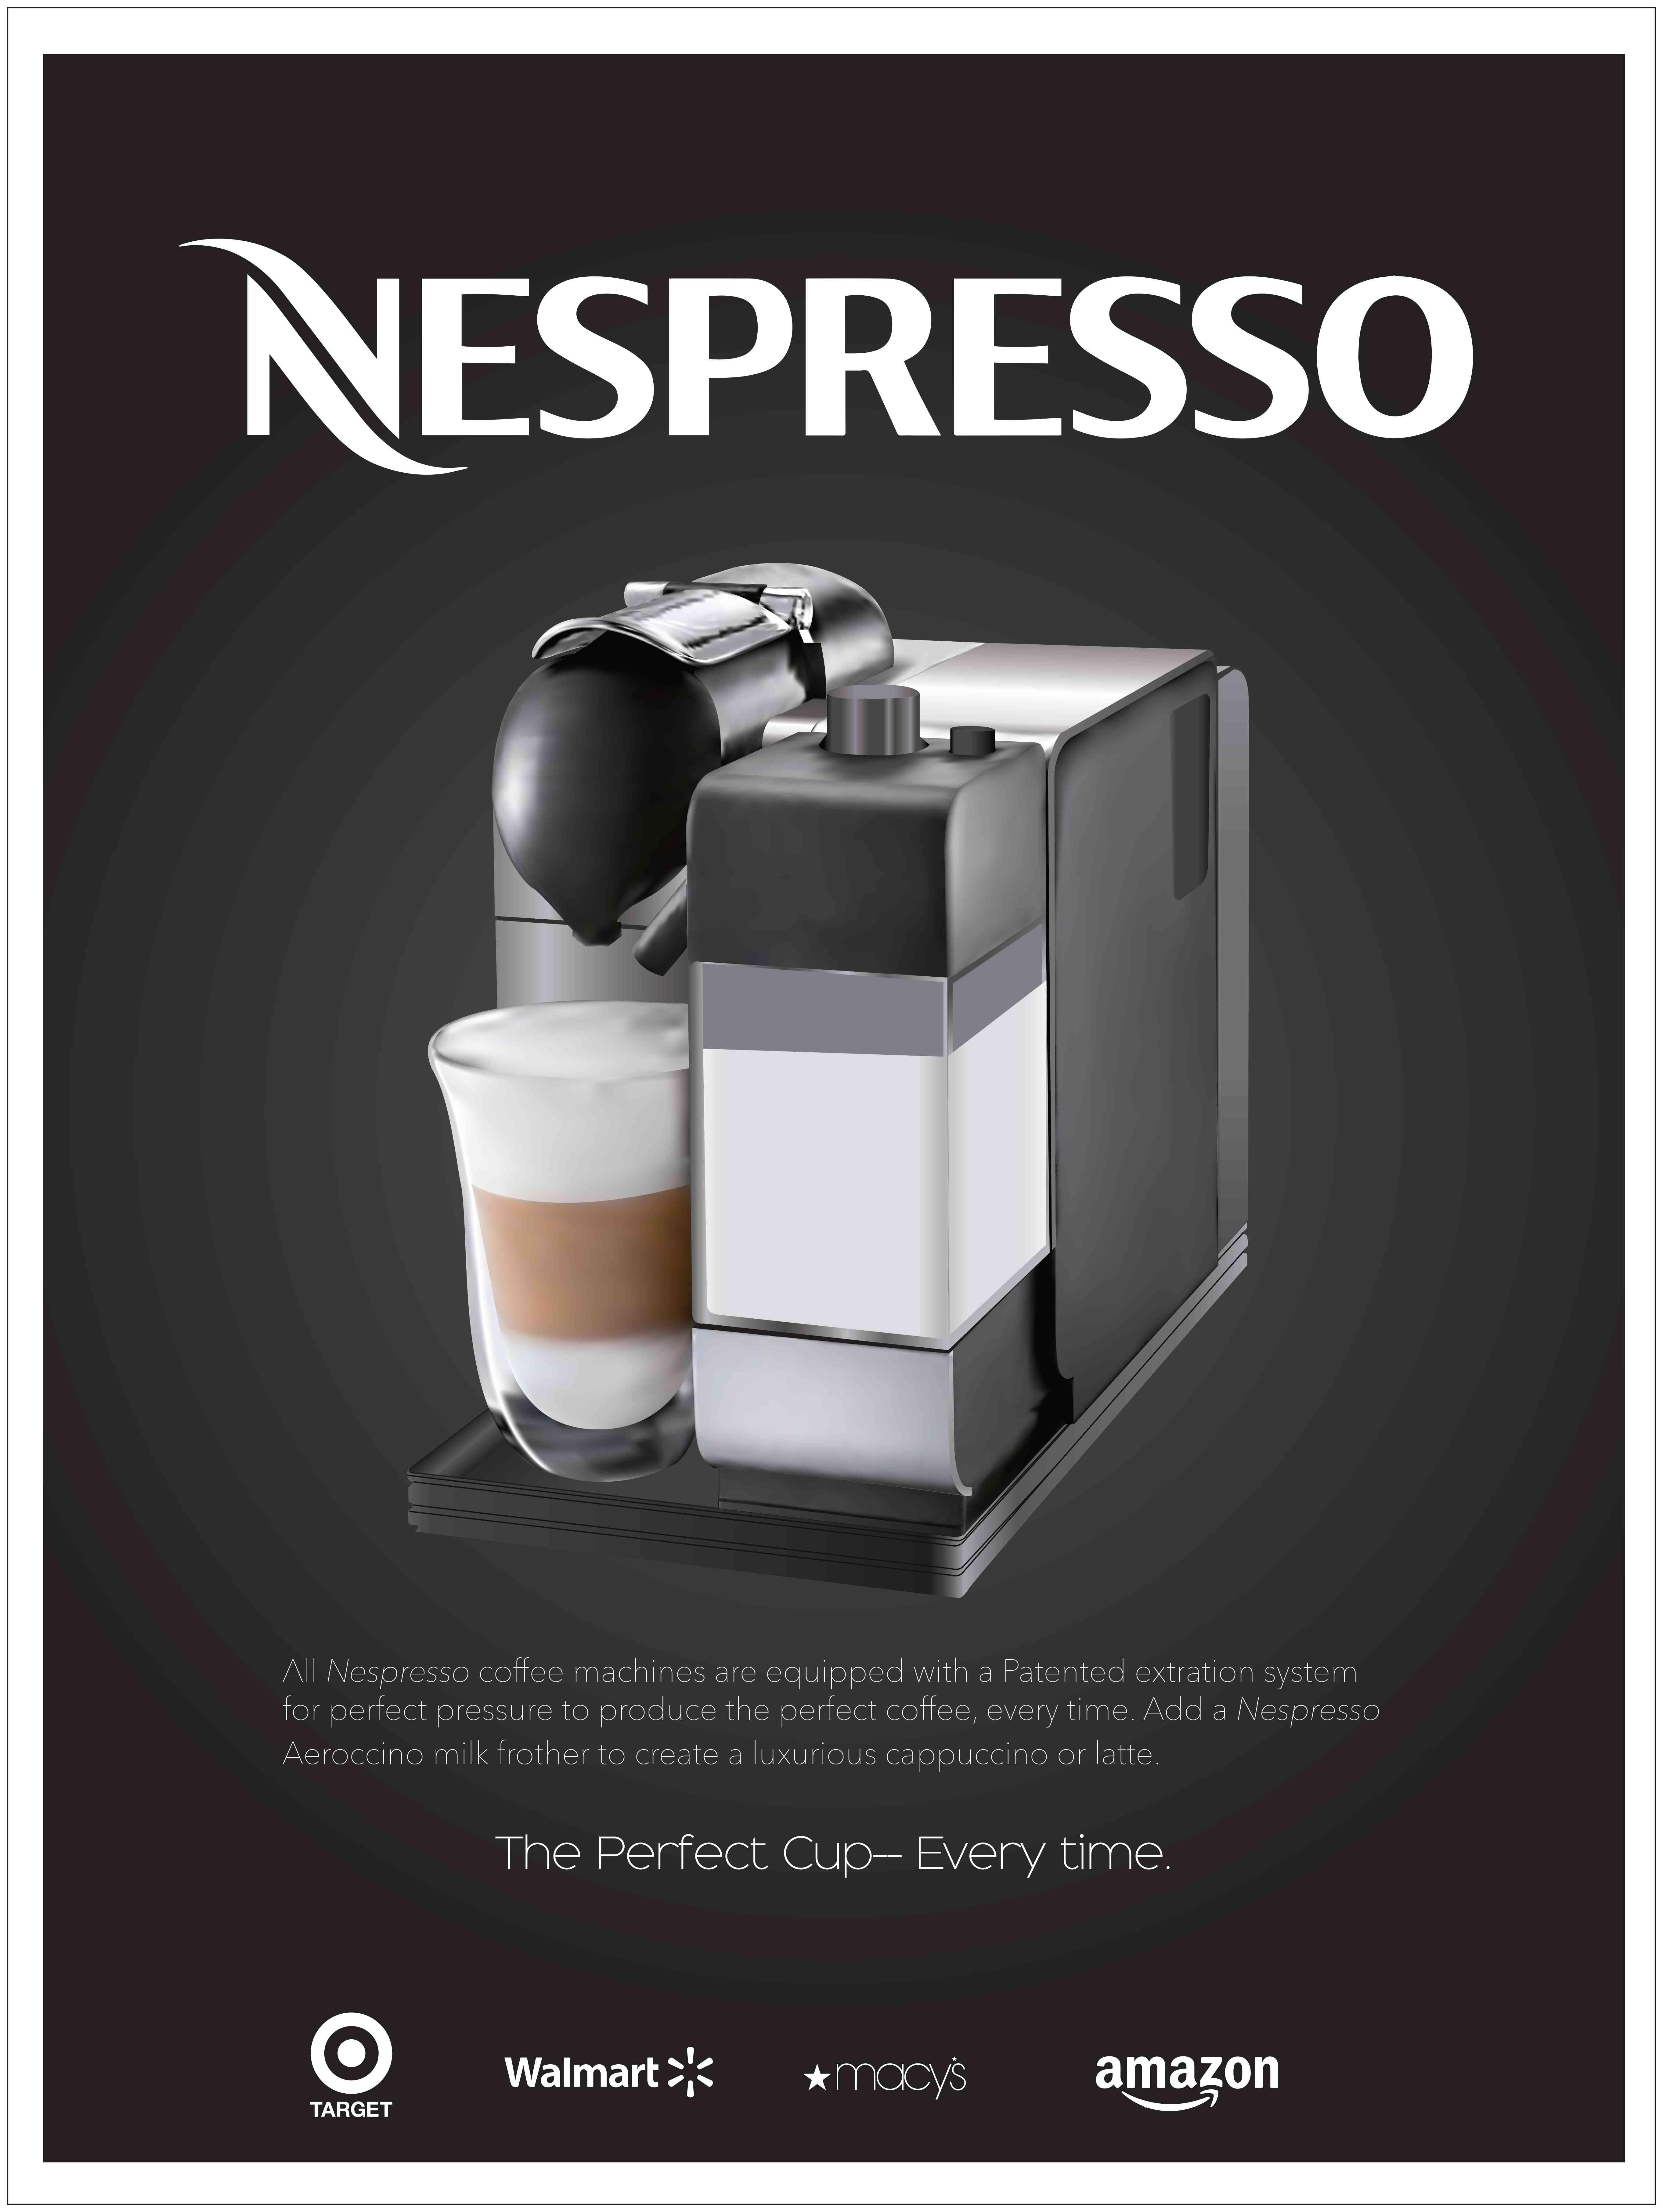 8 лучших производителей капсул для кофемашины nespresso: виды обжарки, какие купить, цена, отзывы